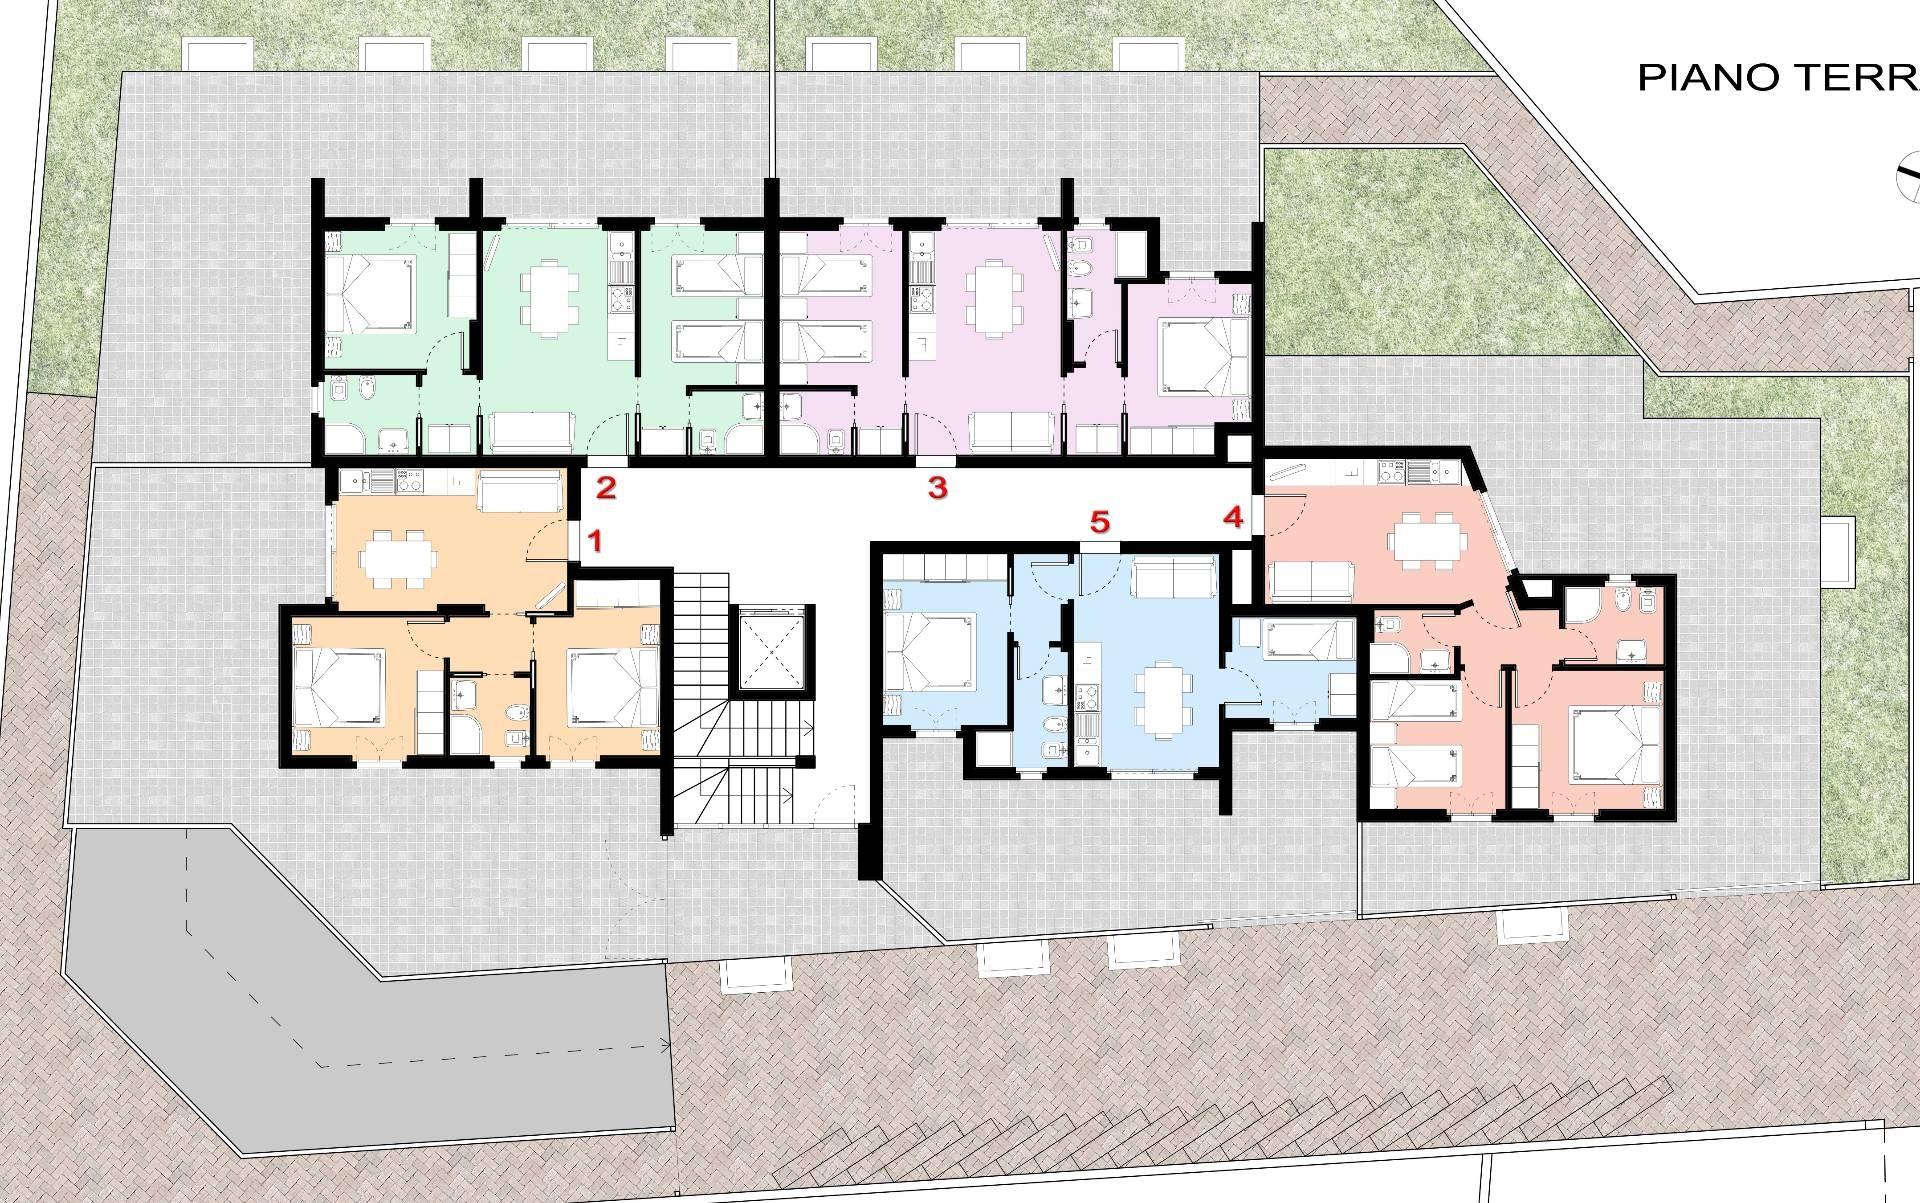 Appartamento in vendita a Tortoreto, 4 locali, zona Località: TortoretoLido, prezzo € 180.000 | PortaleAgenzieImmobiliari.it